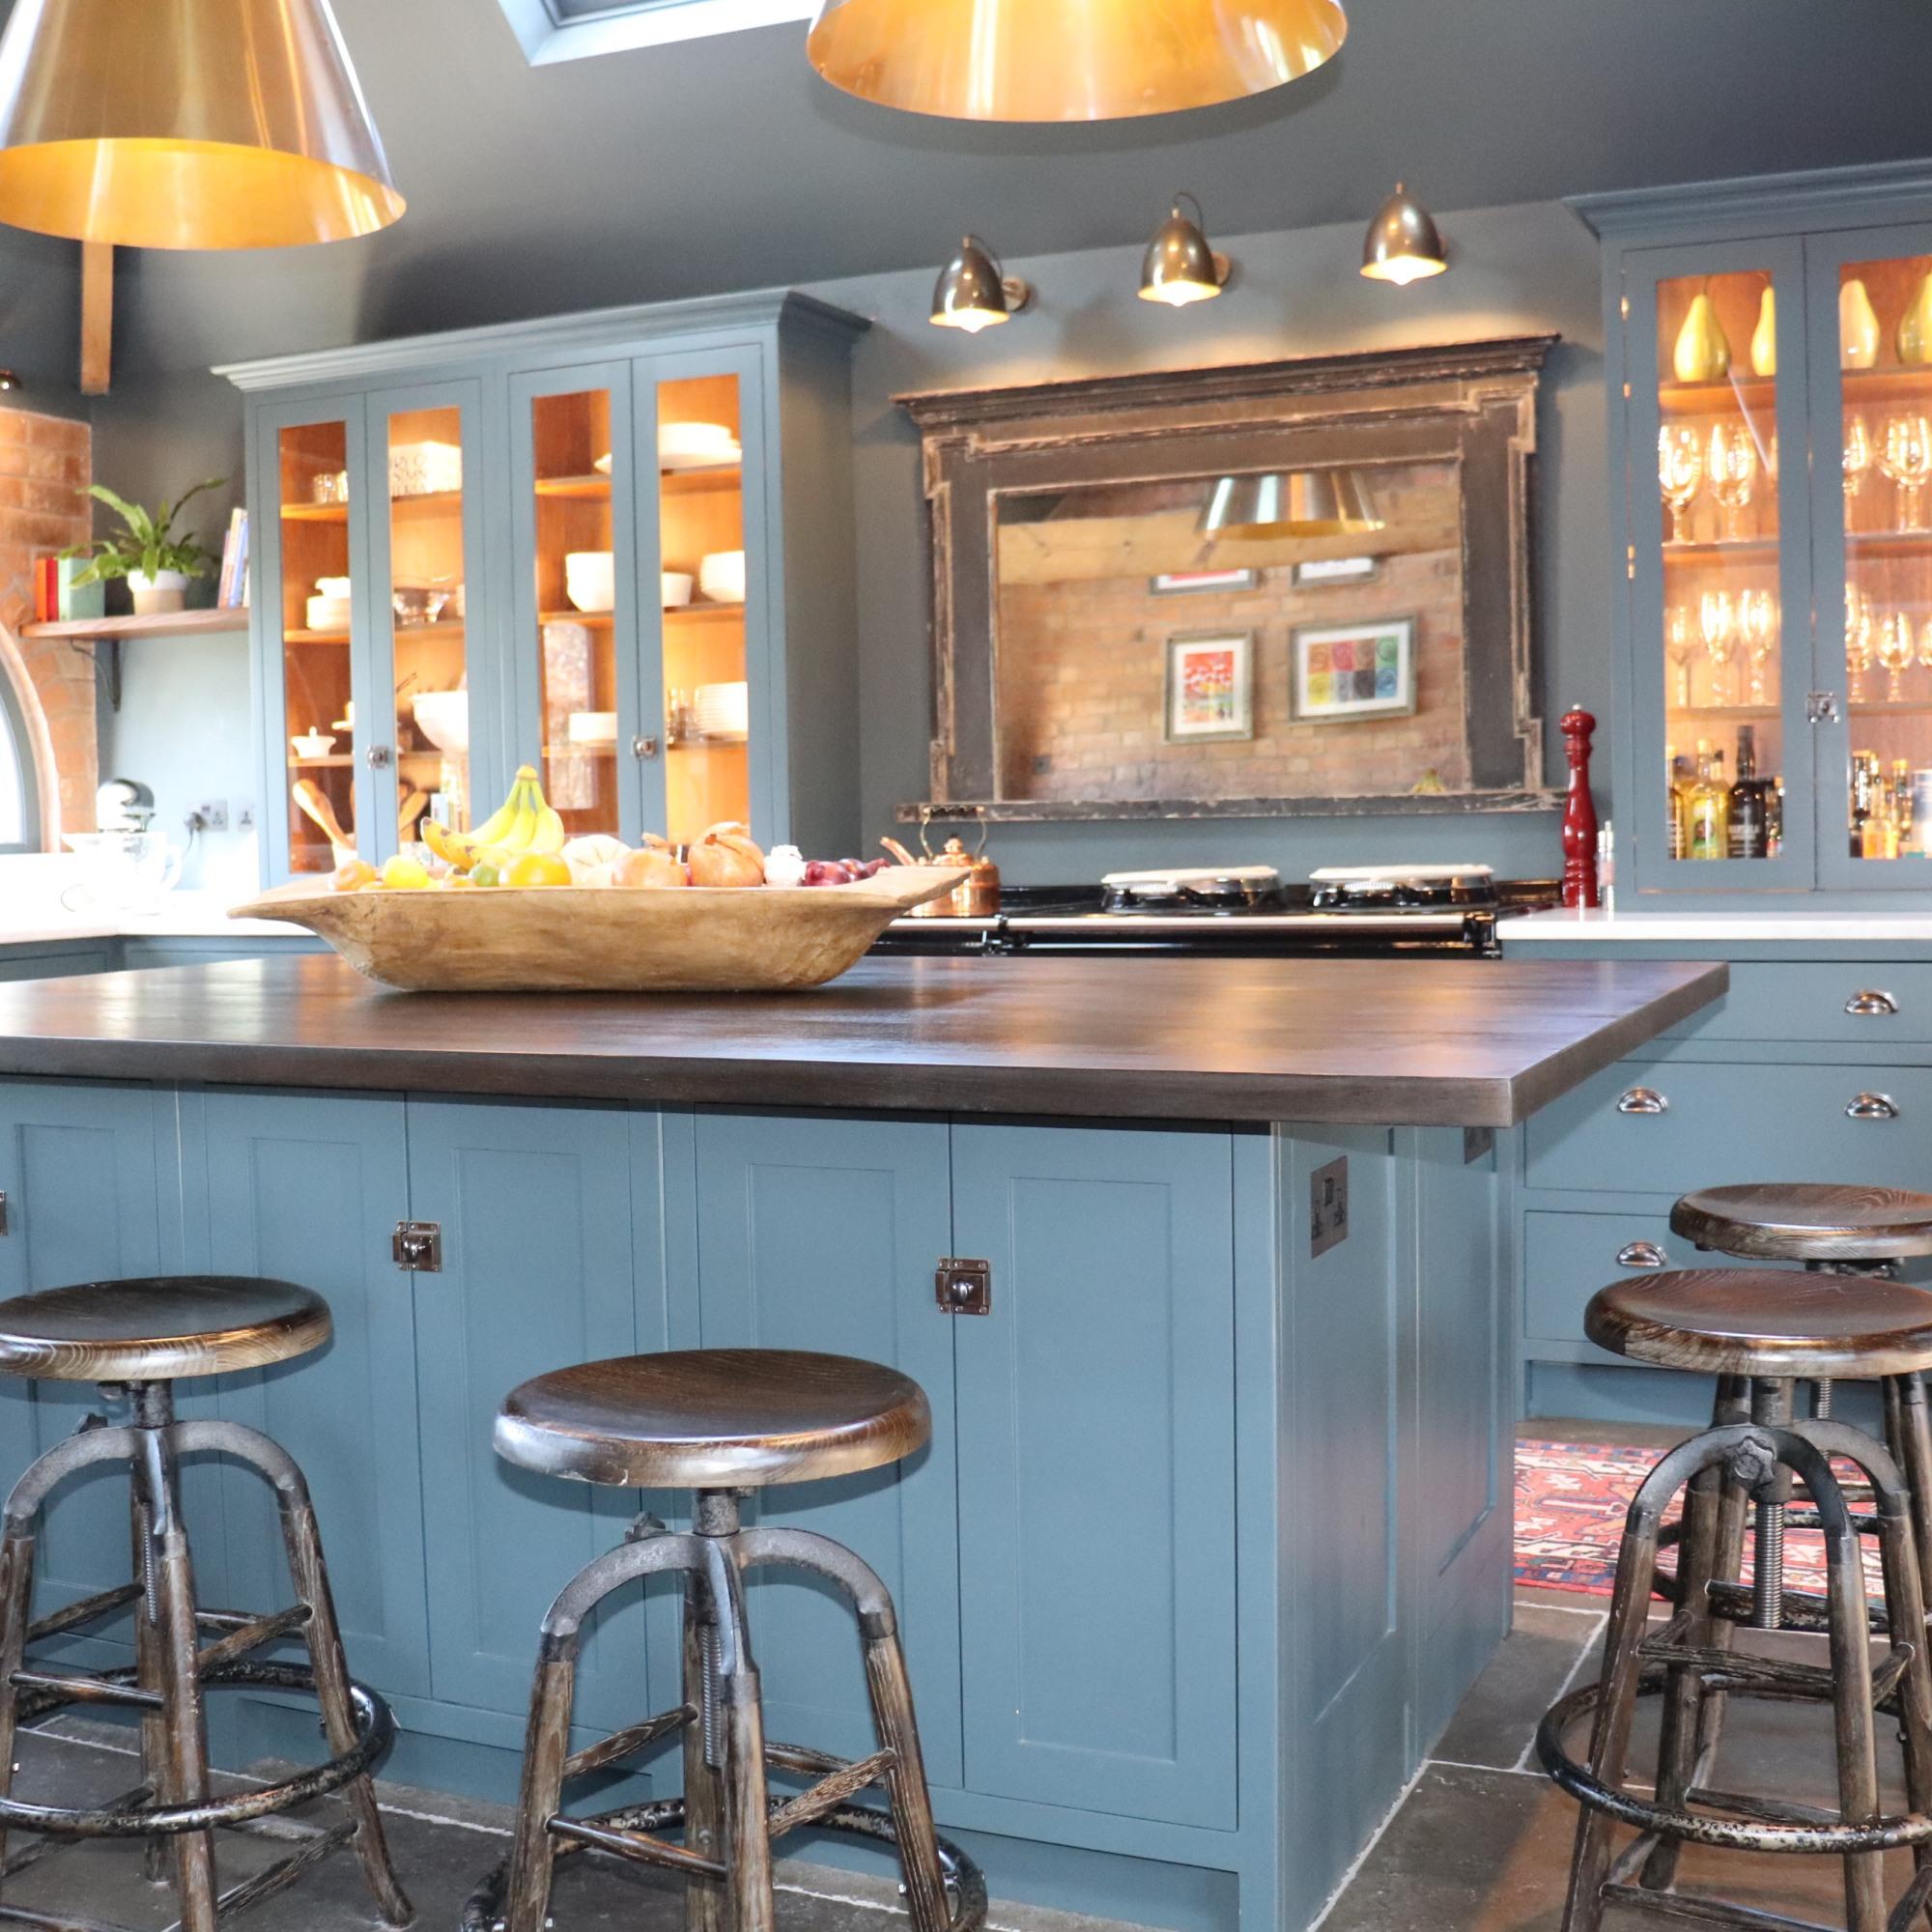 Kitchen Design - Warwickshire Interior Design Services